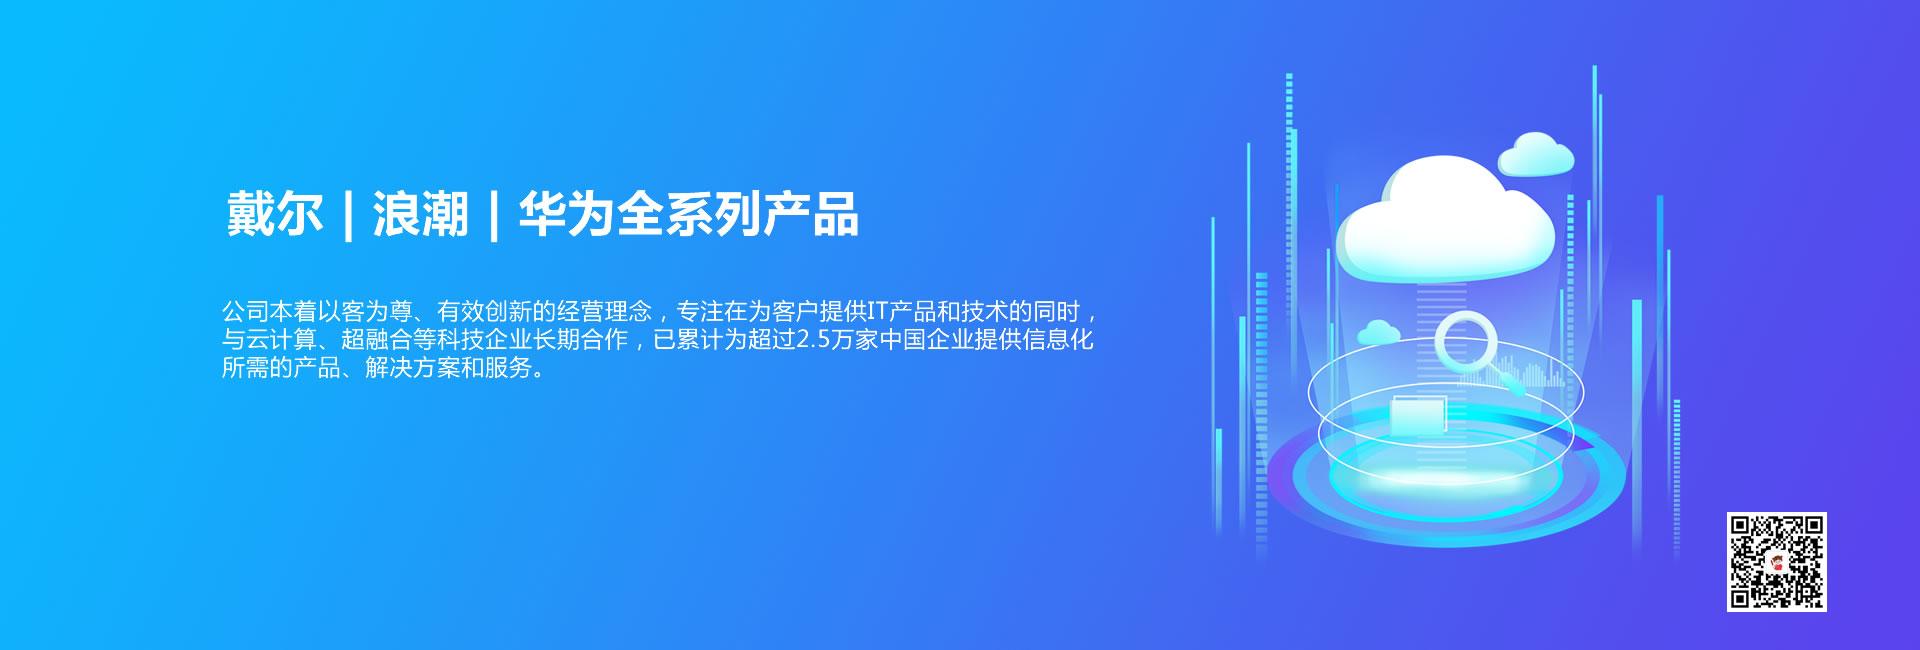 杭州戴尔服务器